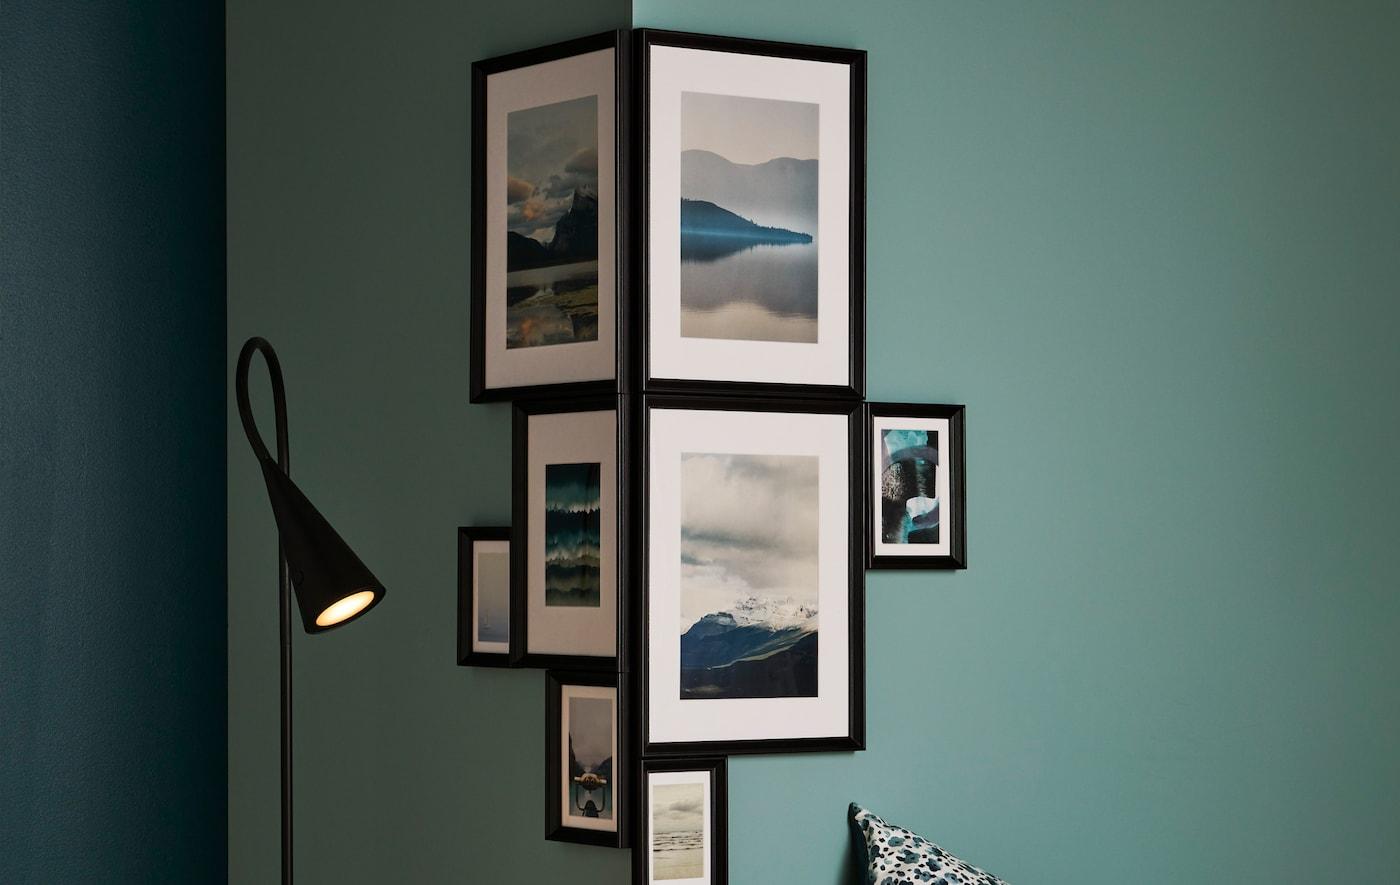 Lijsten met inspirerende afbeeldingen in verschillende formaten zijn gegroepeerd rond een hoek van een groene kamer.